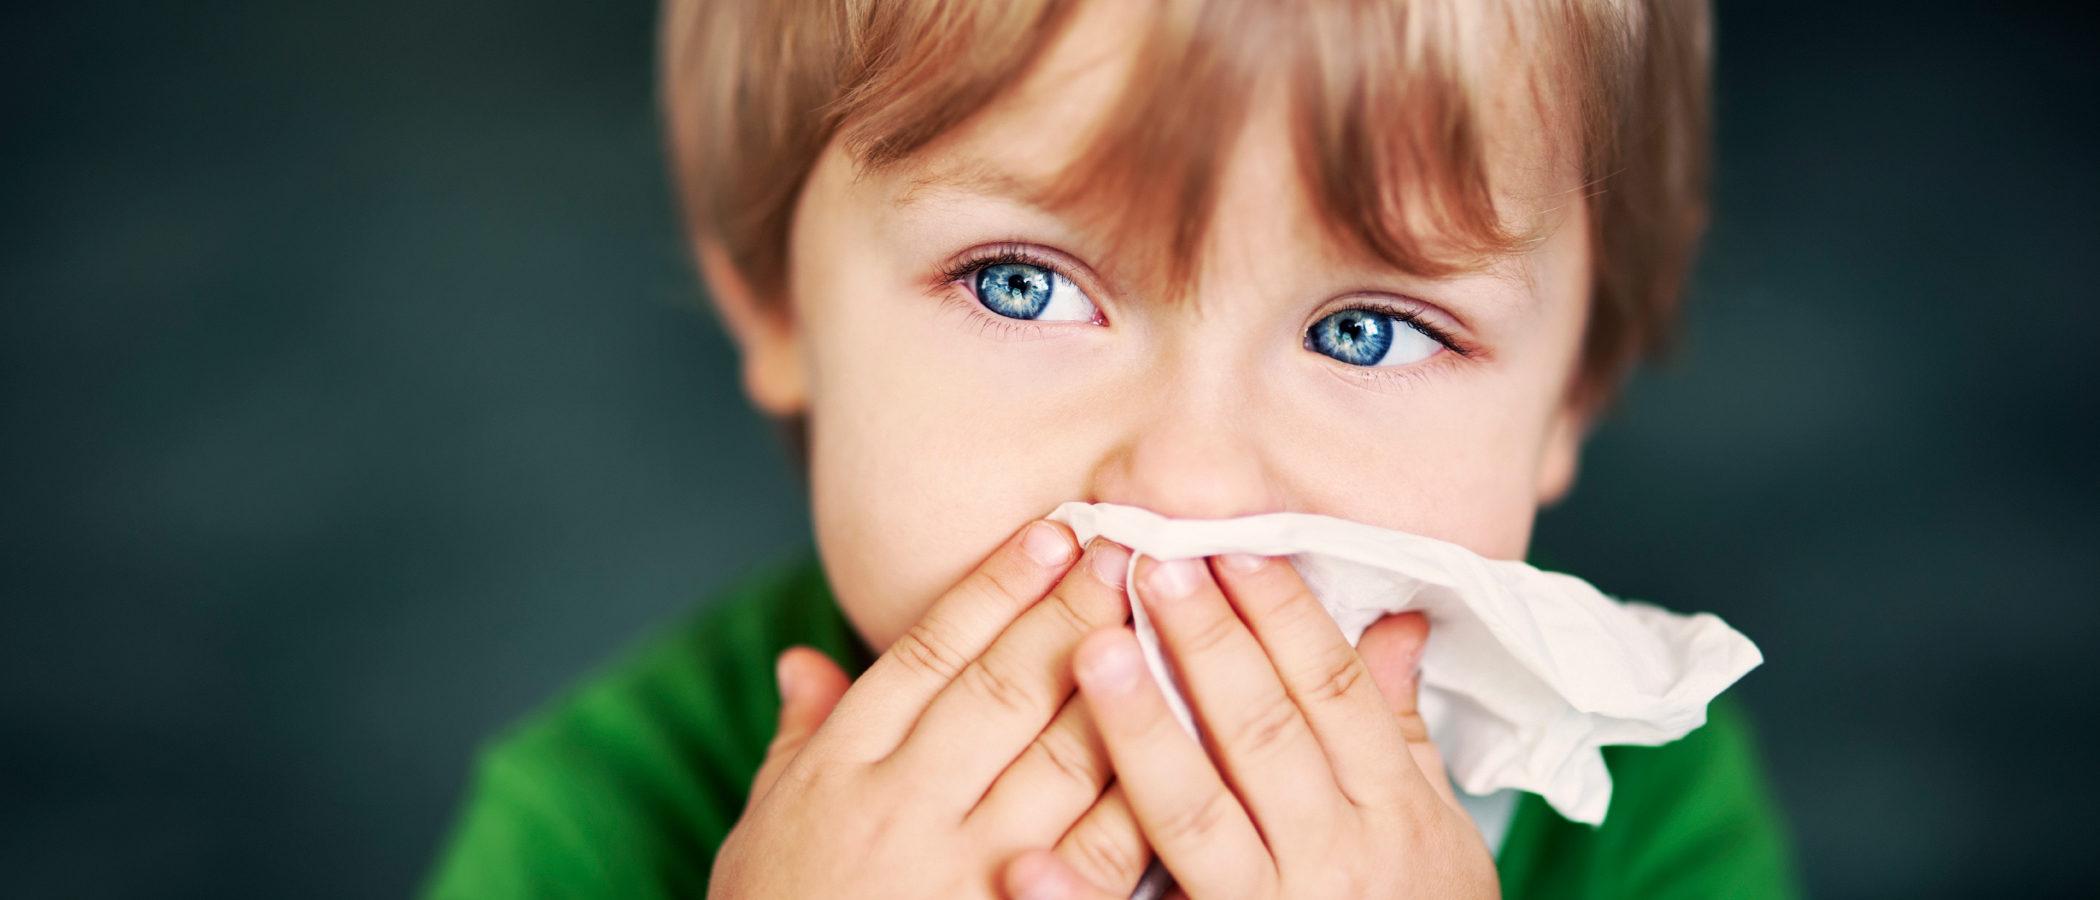 La alergia al polvo en niños y niñas